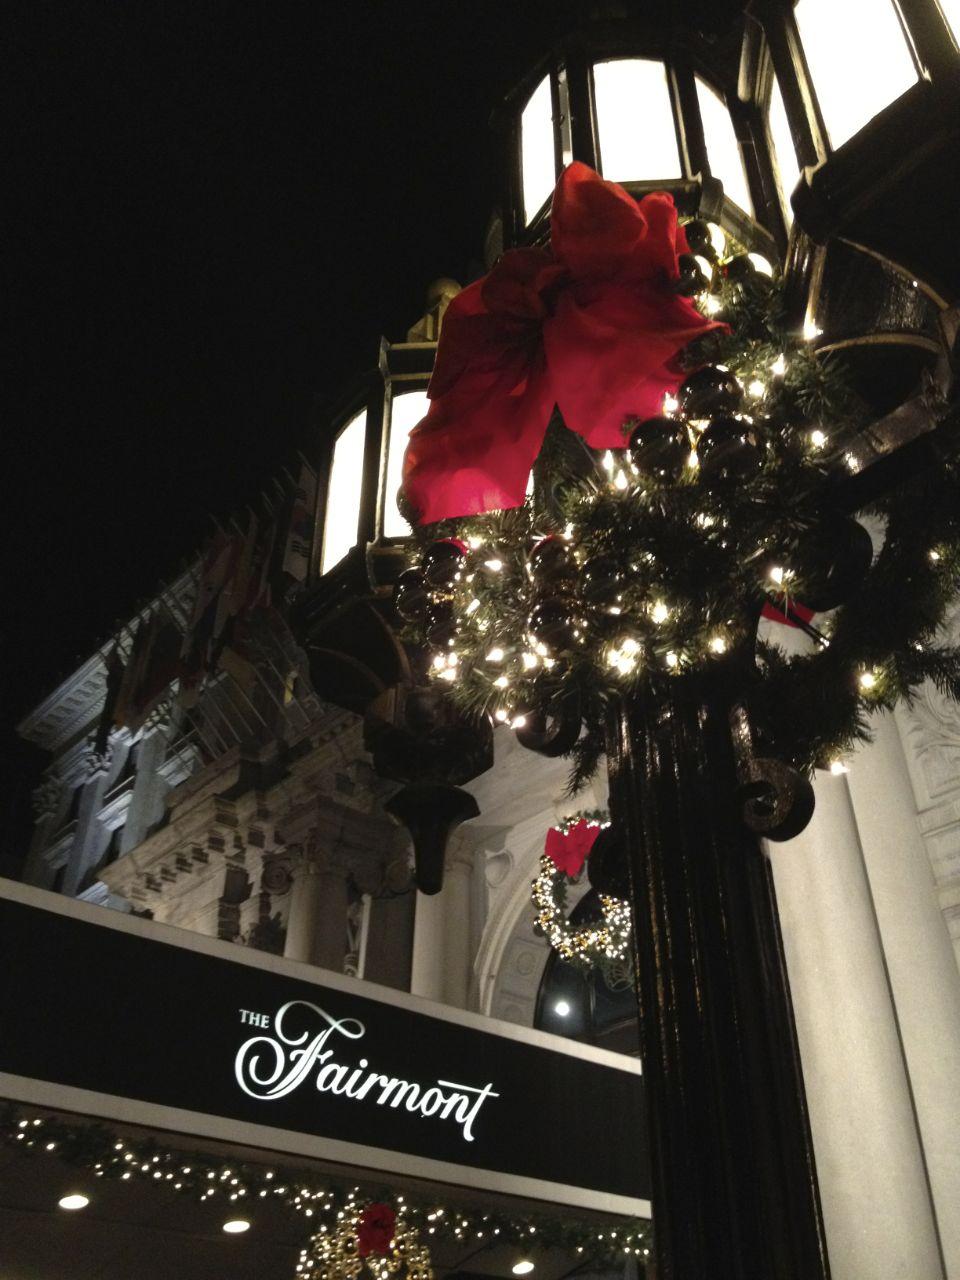 Fairmont hotel.